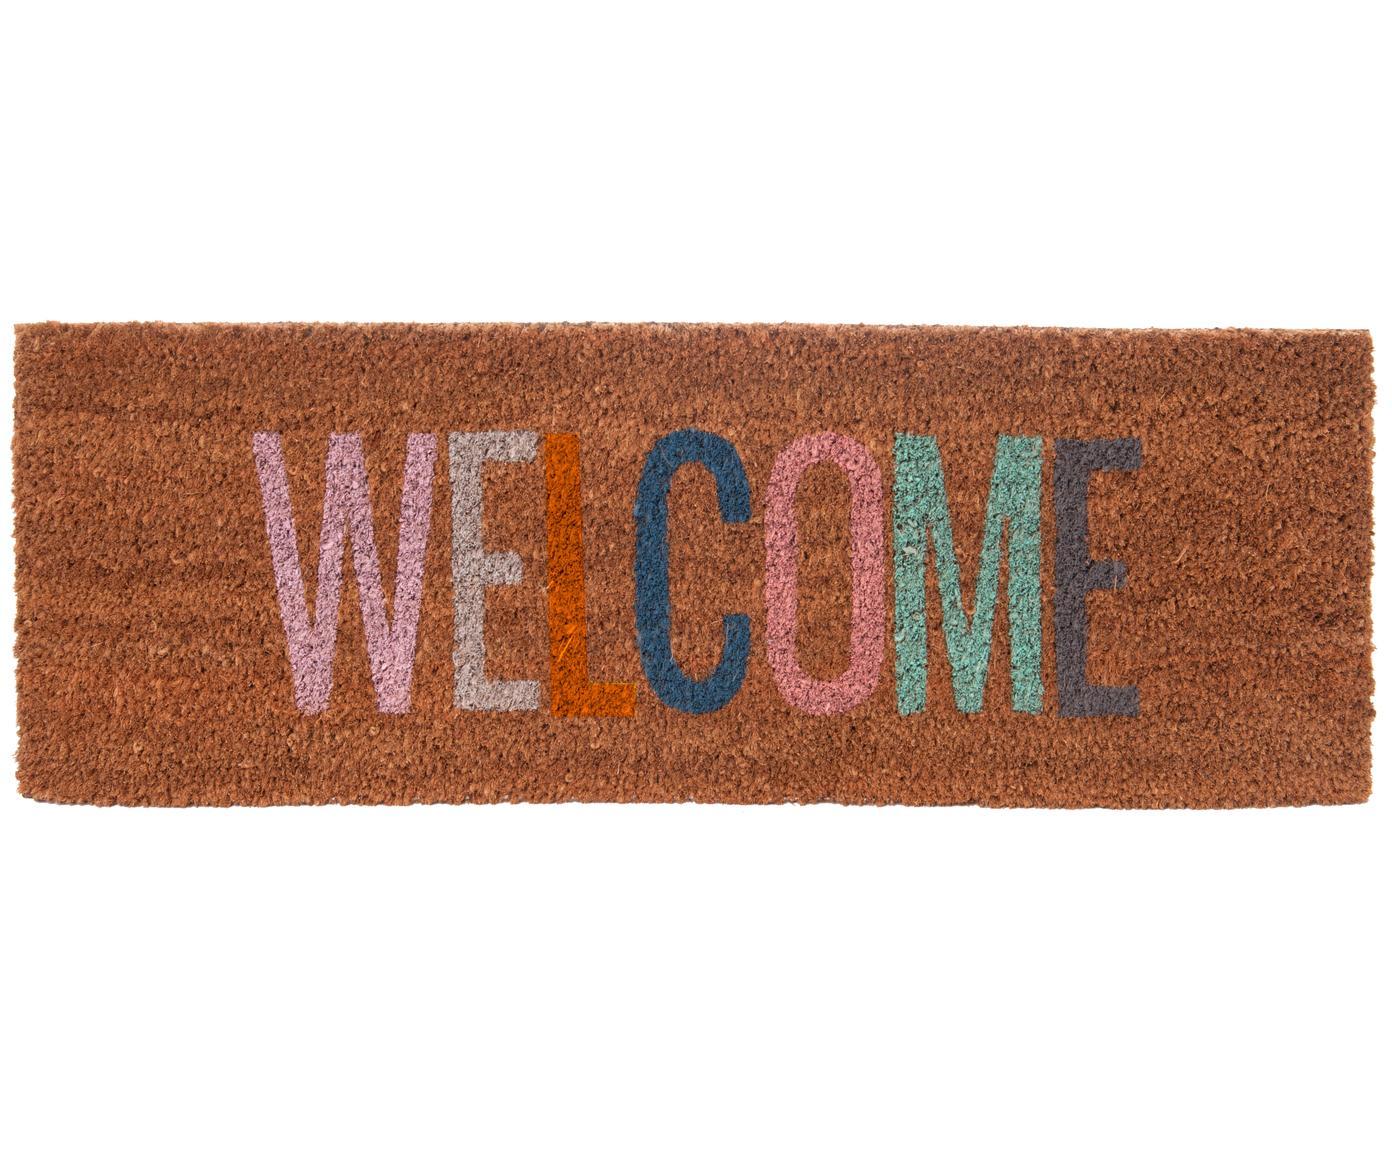 Wycieraczka Welcome, Włókno kokosowe, Brązowy, S 26 x D 77 cm